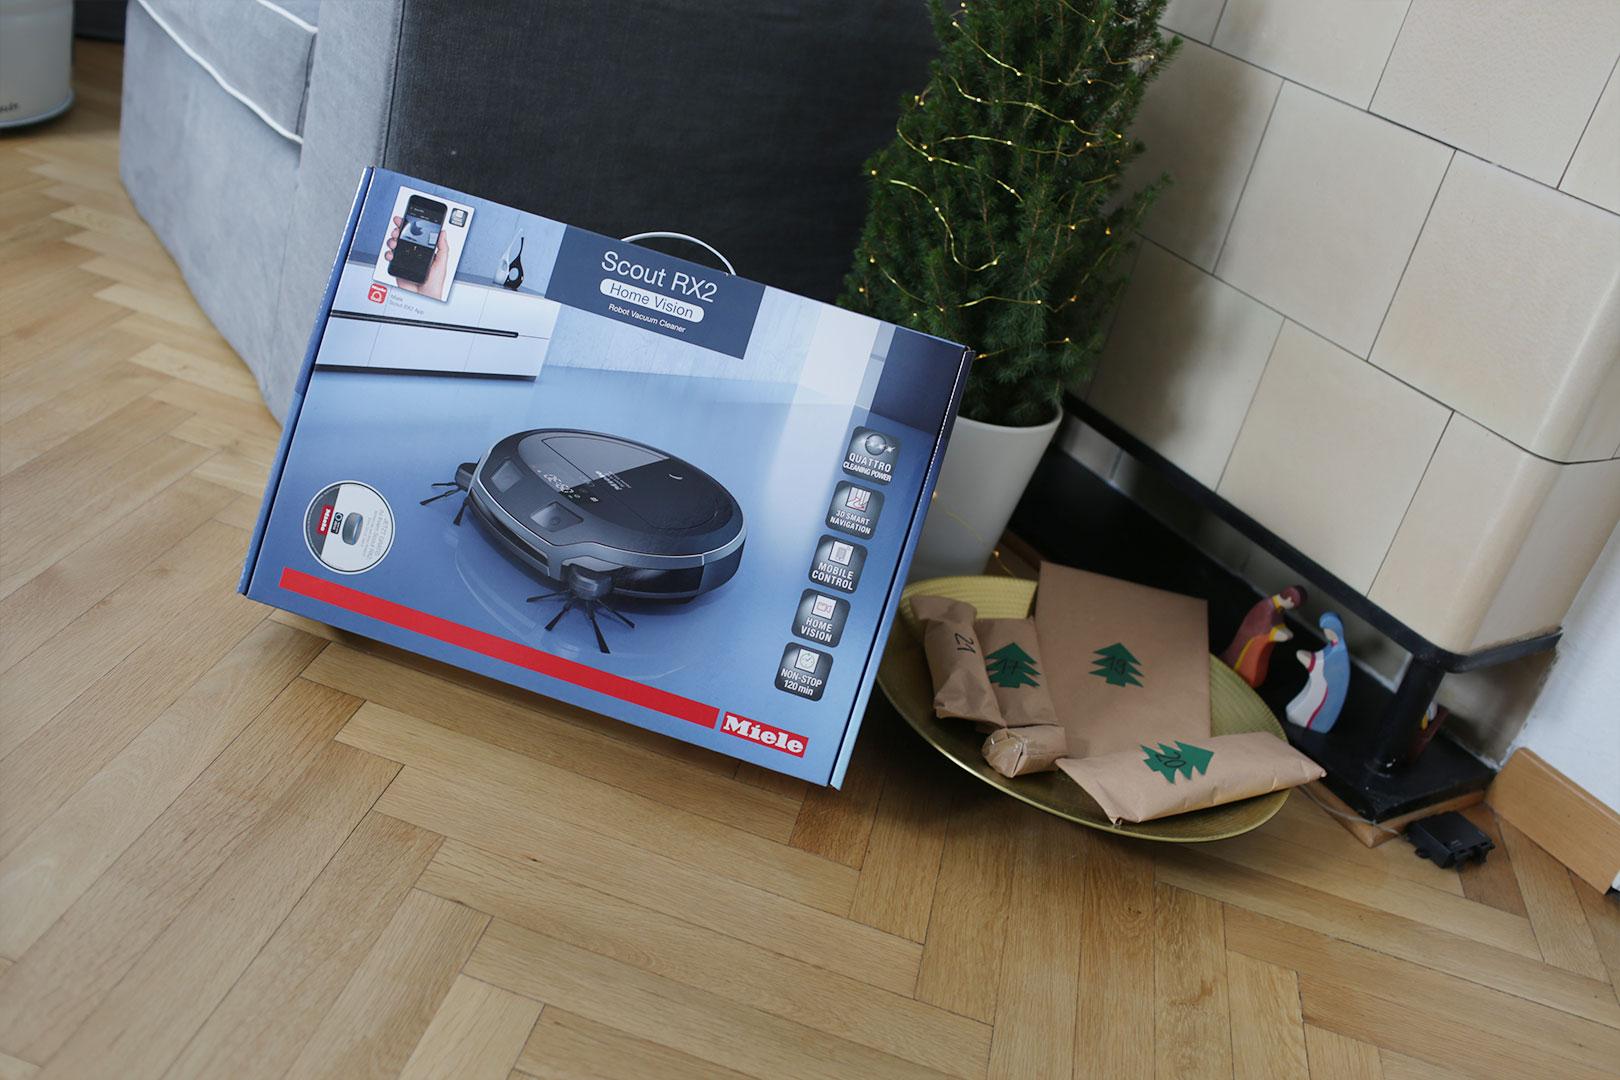 Der Miele Scout RX2 Home Vision – der Saugroboter mit Live-Bildübertragung für eine entspannte Weihnachtszeit